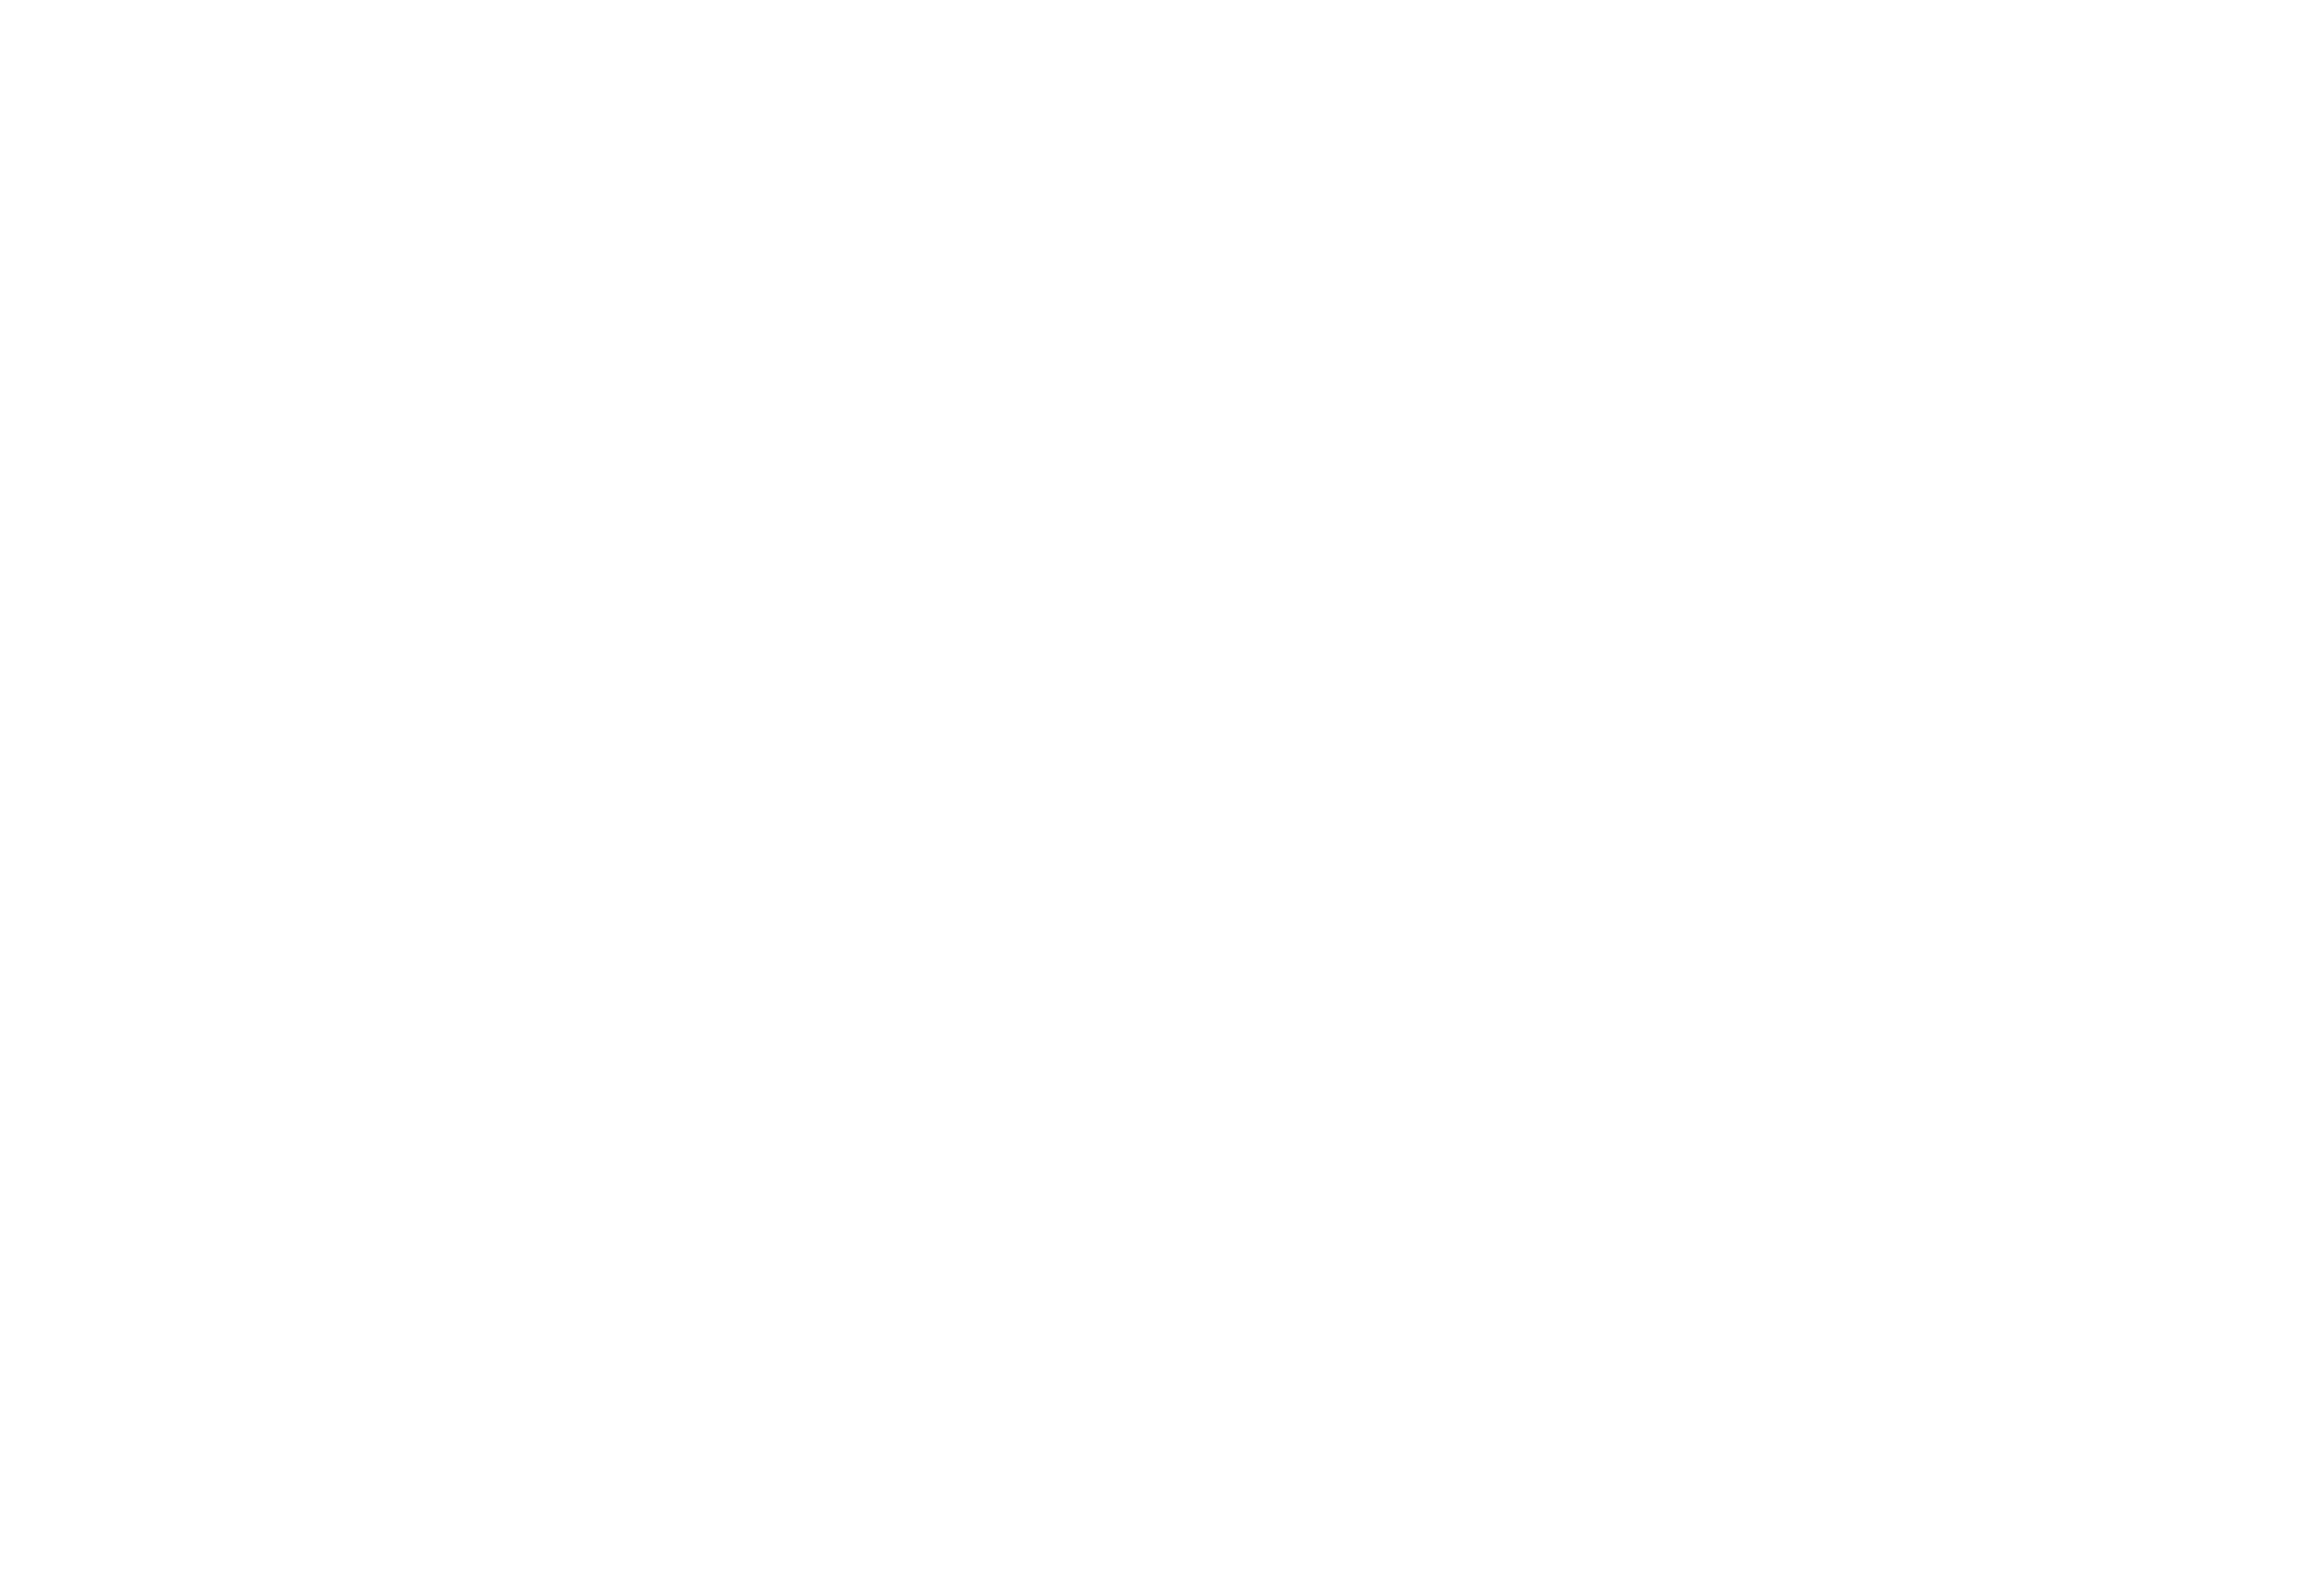 Josselin-Tourette-Galerie-nocturne-1